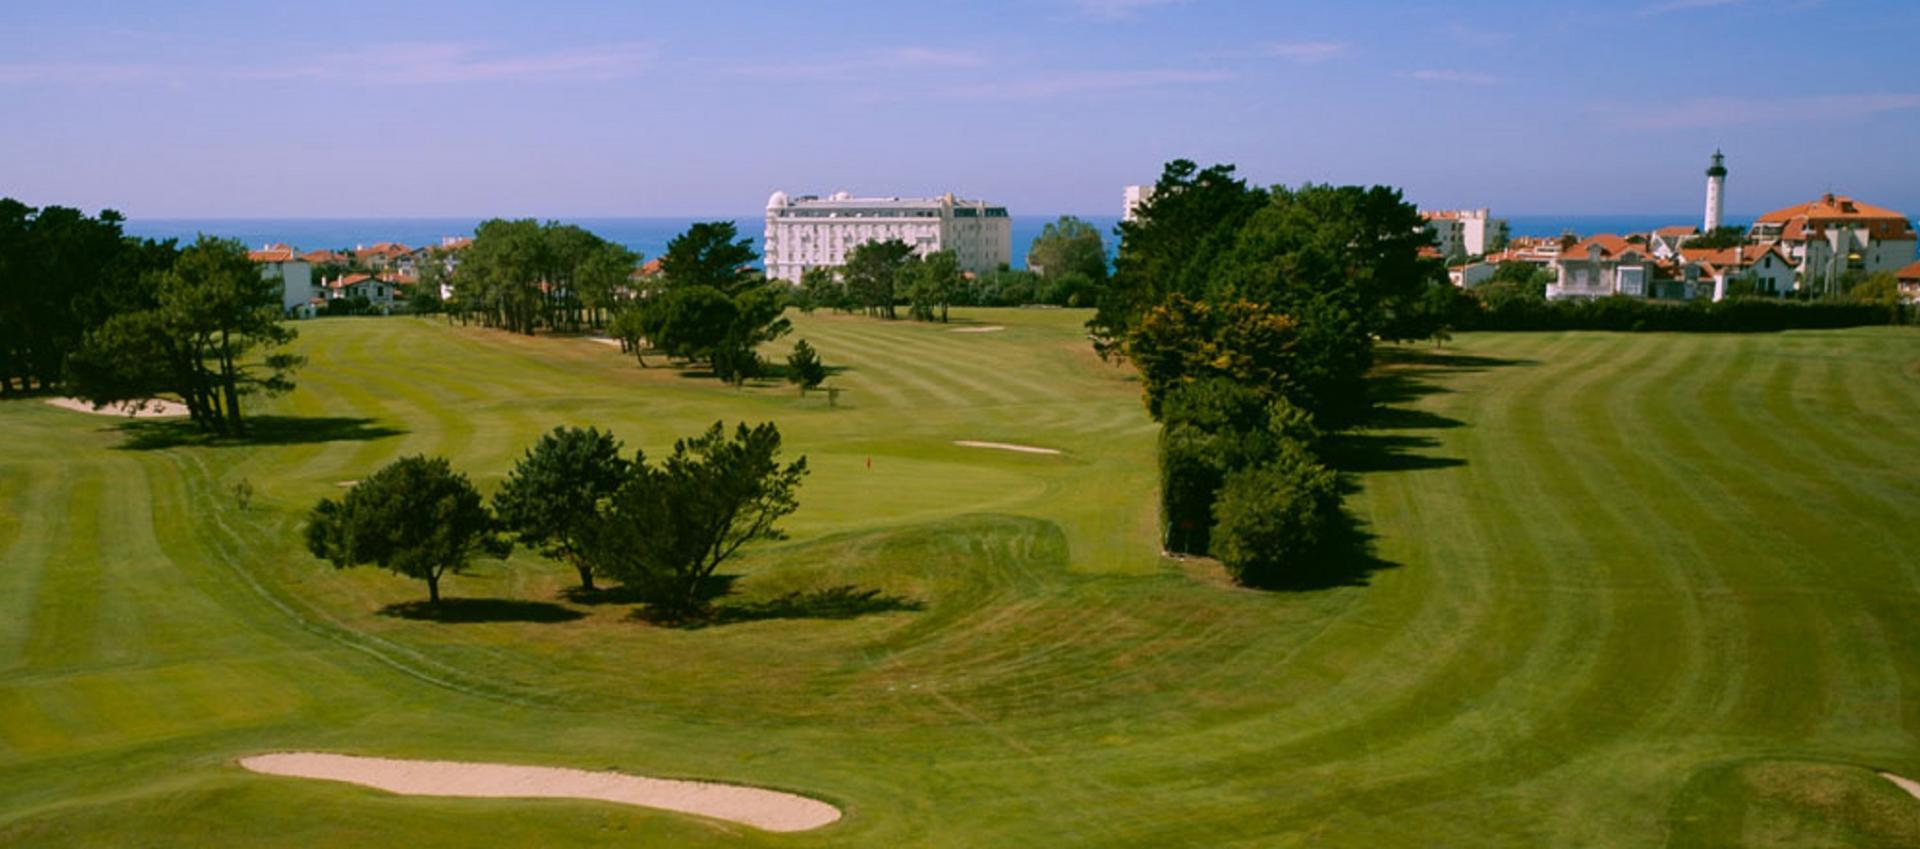 2920 golf biarritz 3